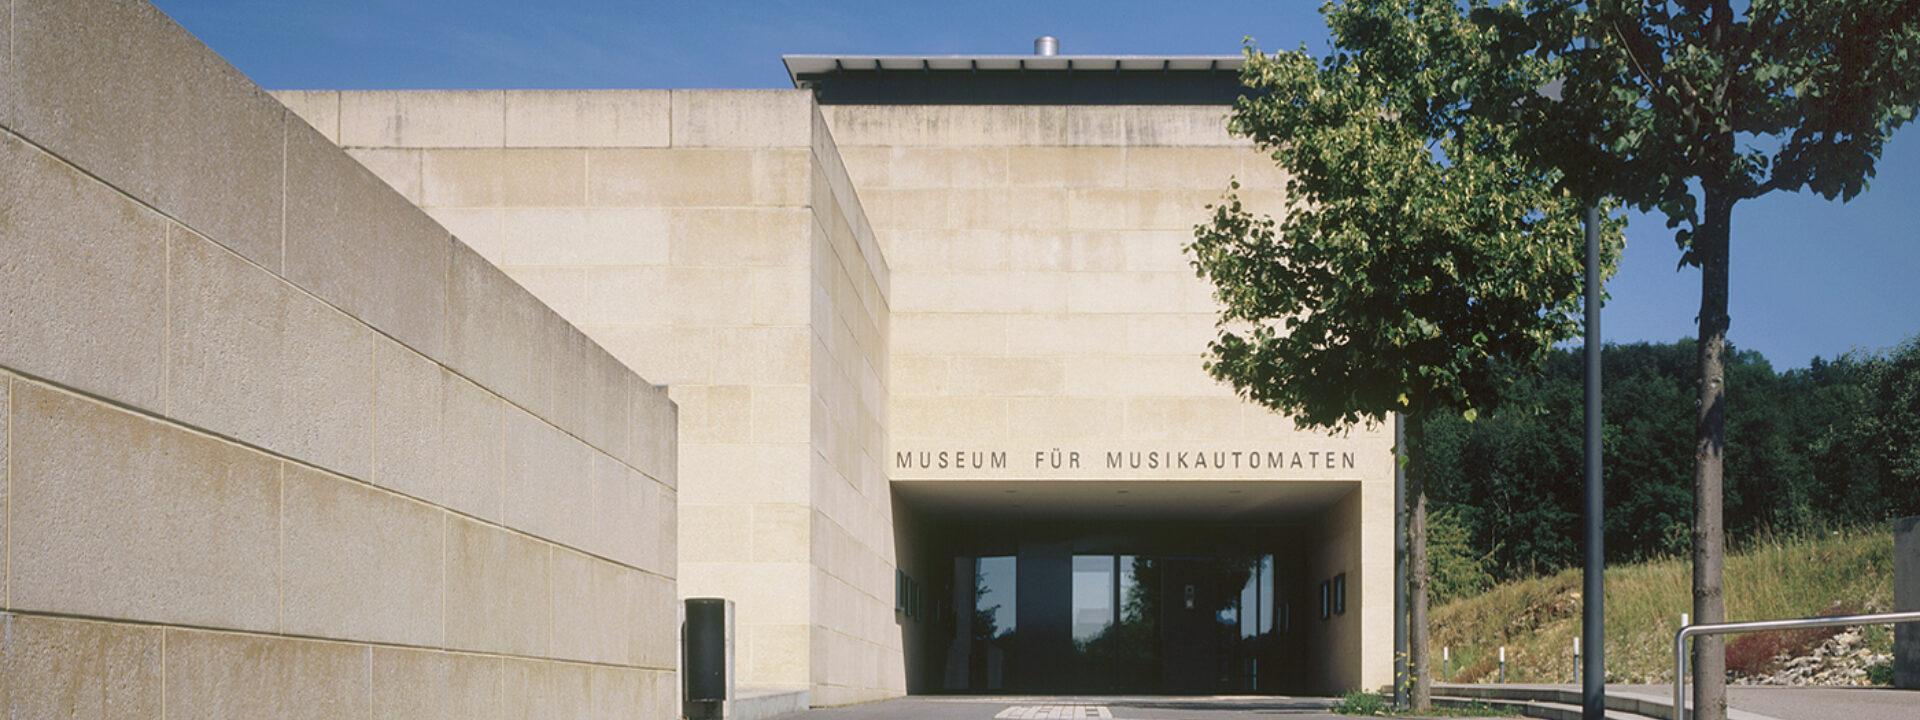 Museum für Musikautomaten